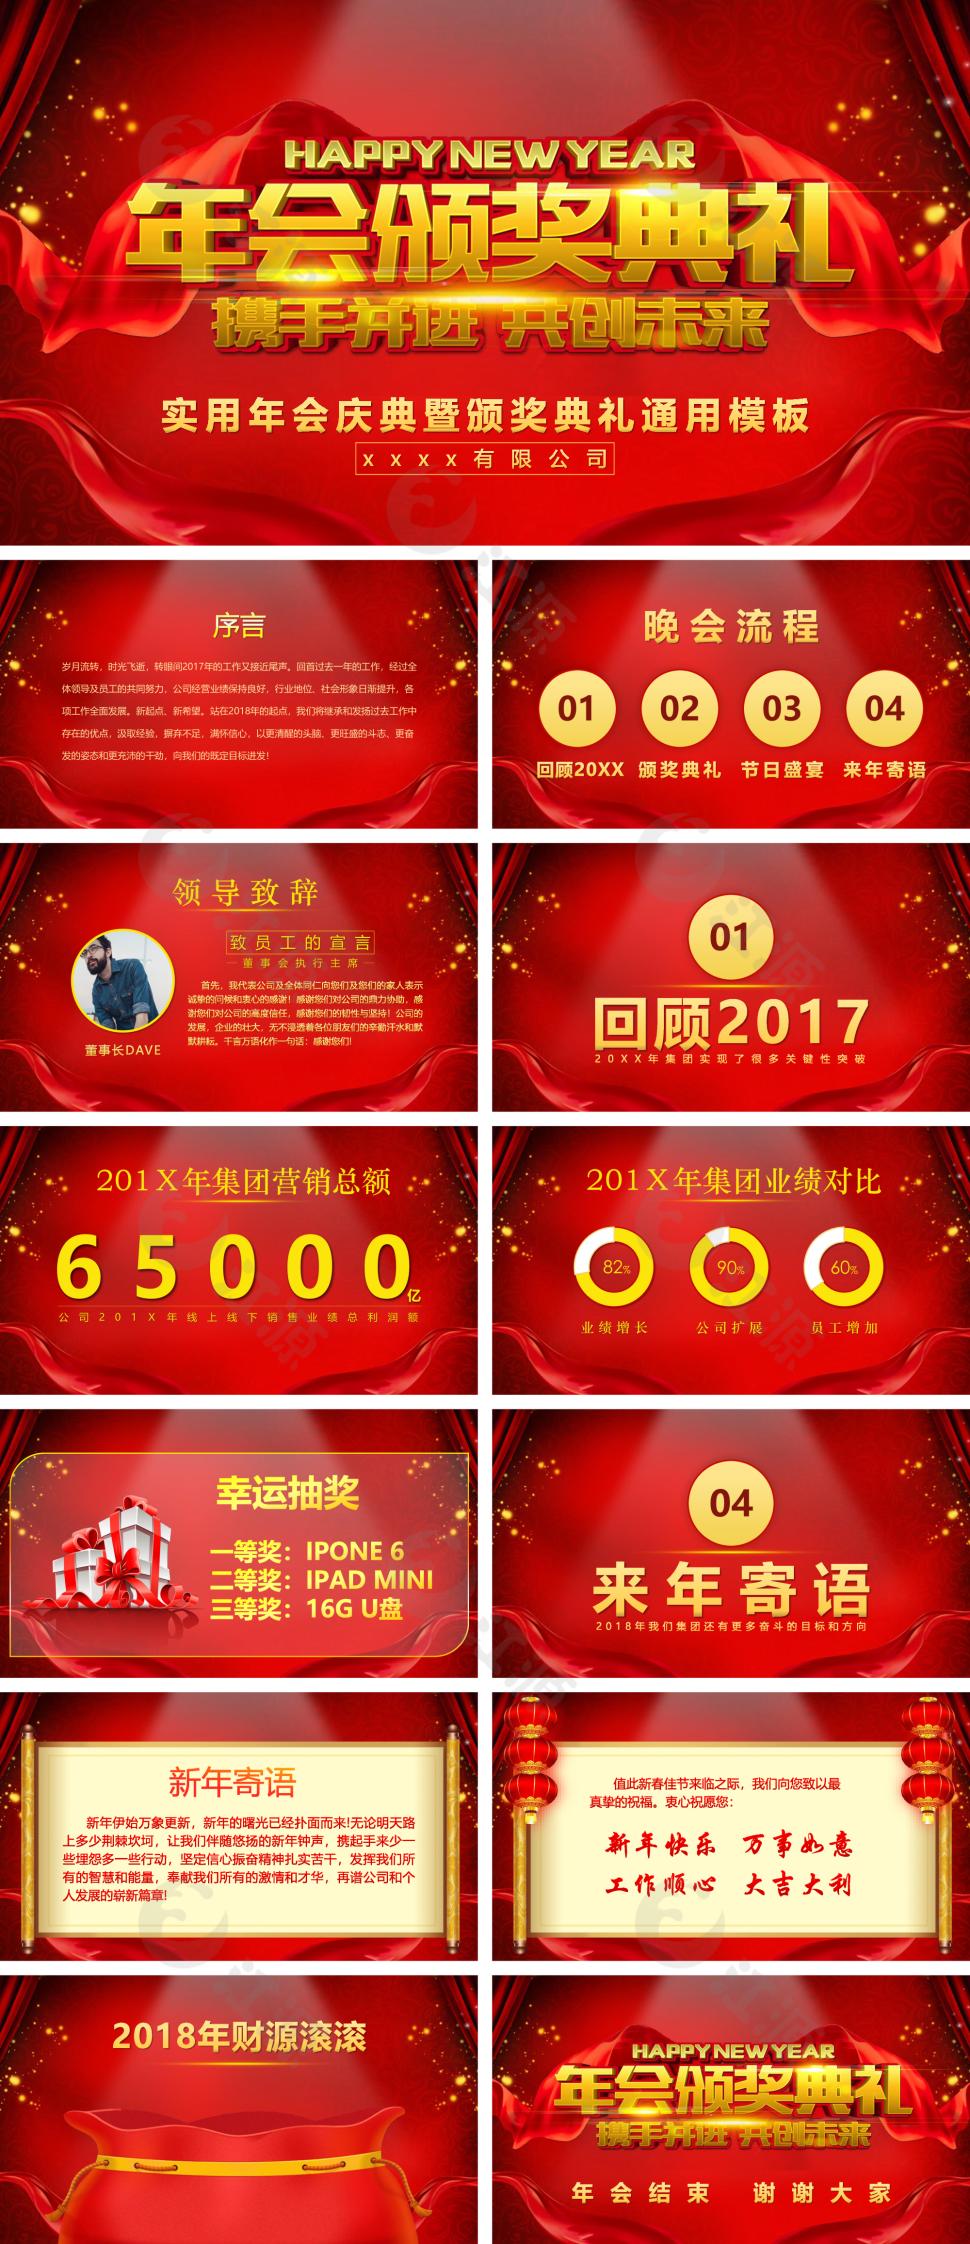 红色大气简约年会颁奖典礼PPT模板